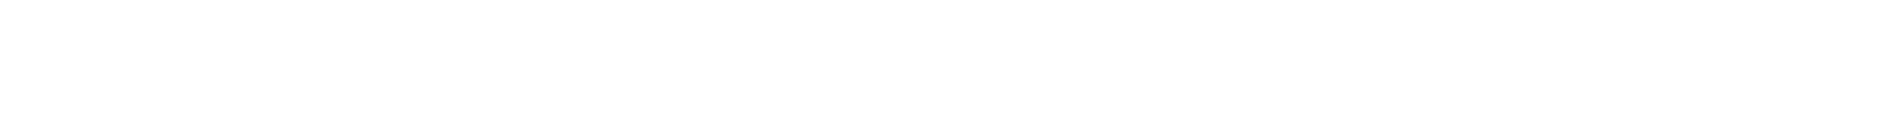 JAD-logo-1900-wt